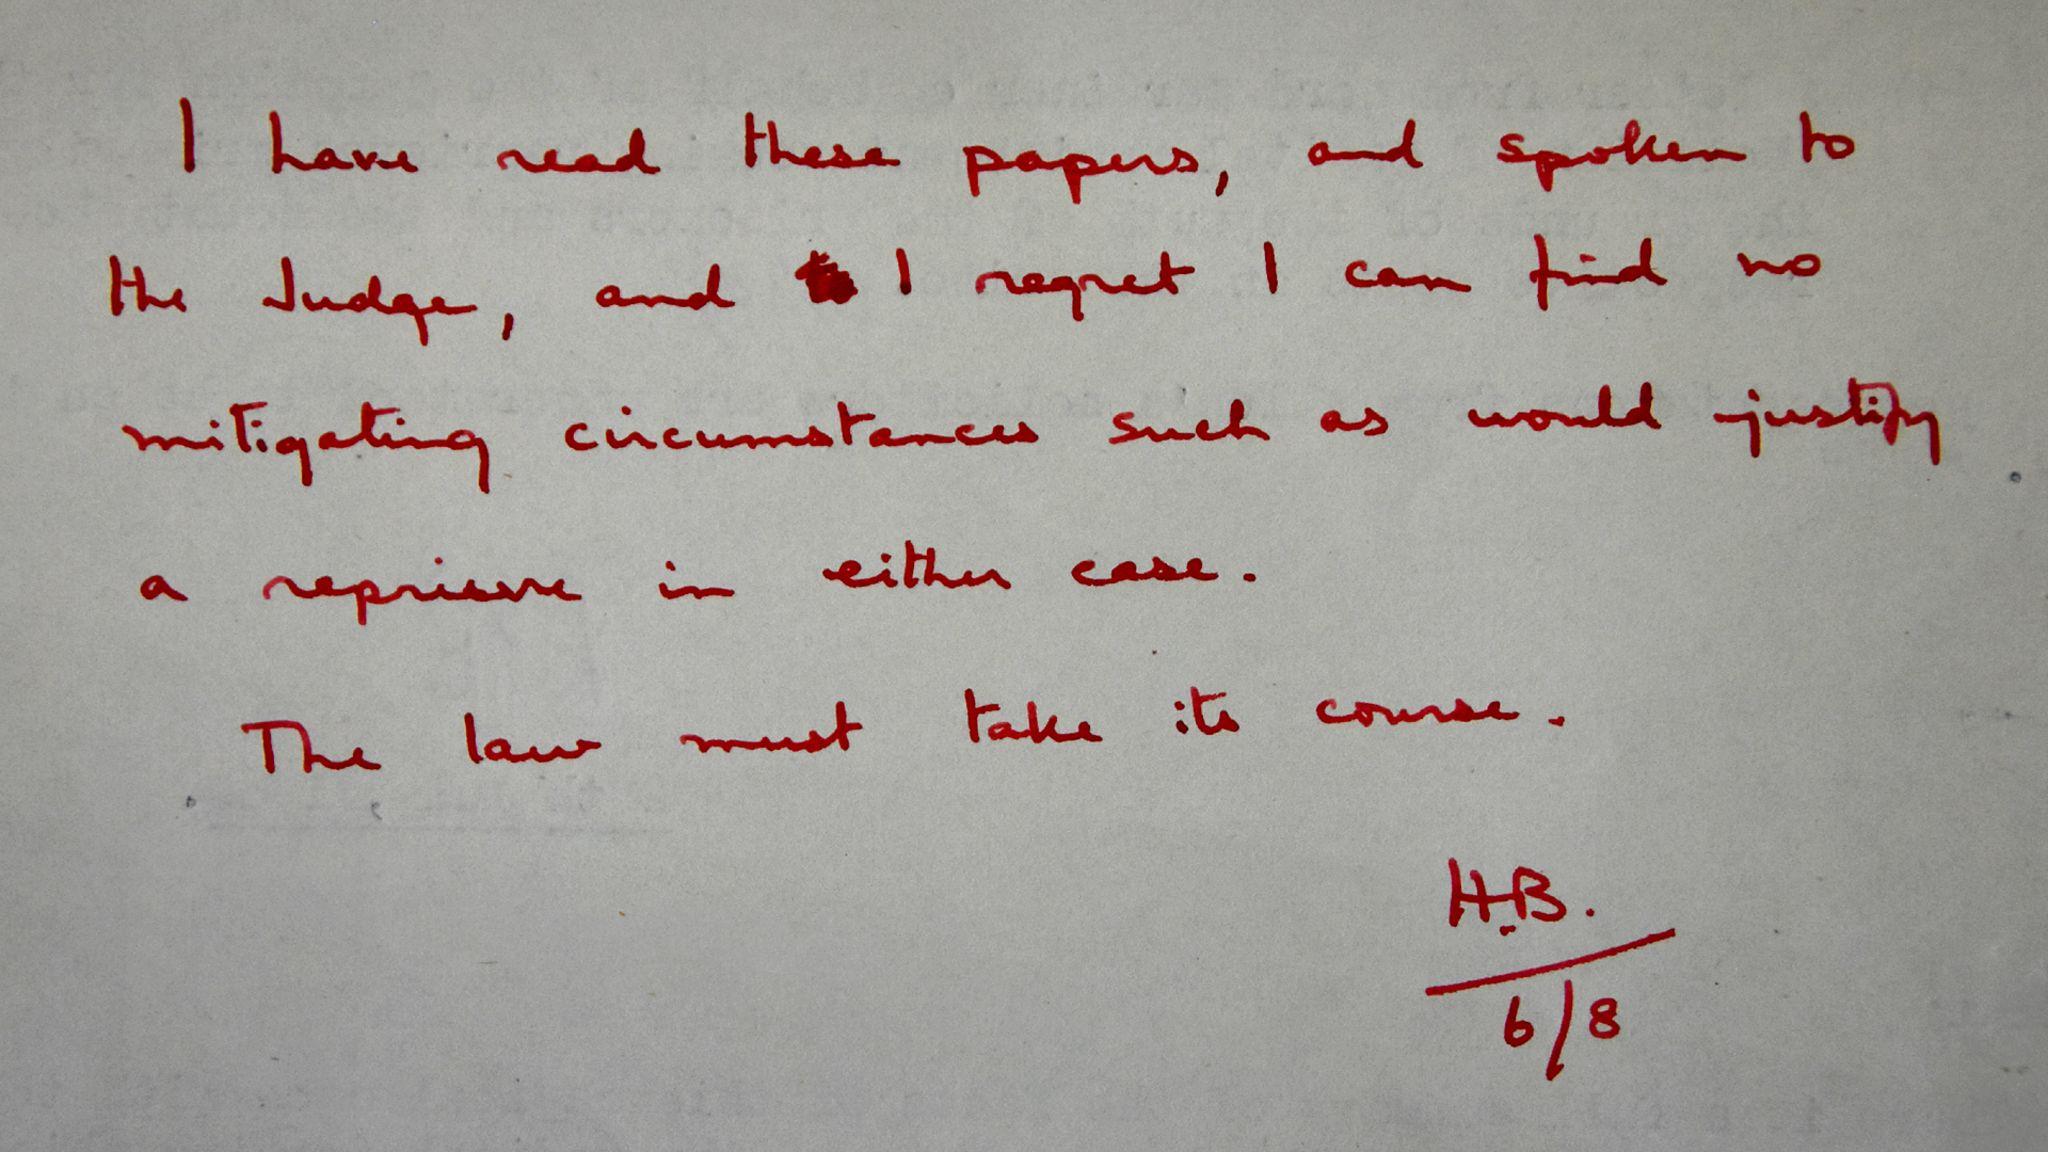 The Home Secretary's memo